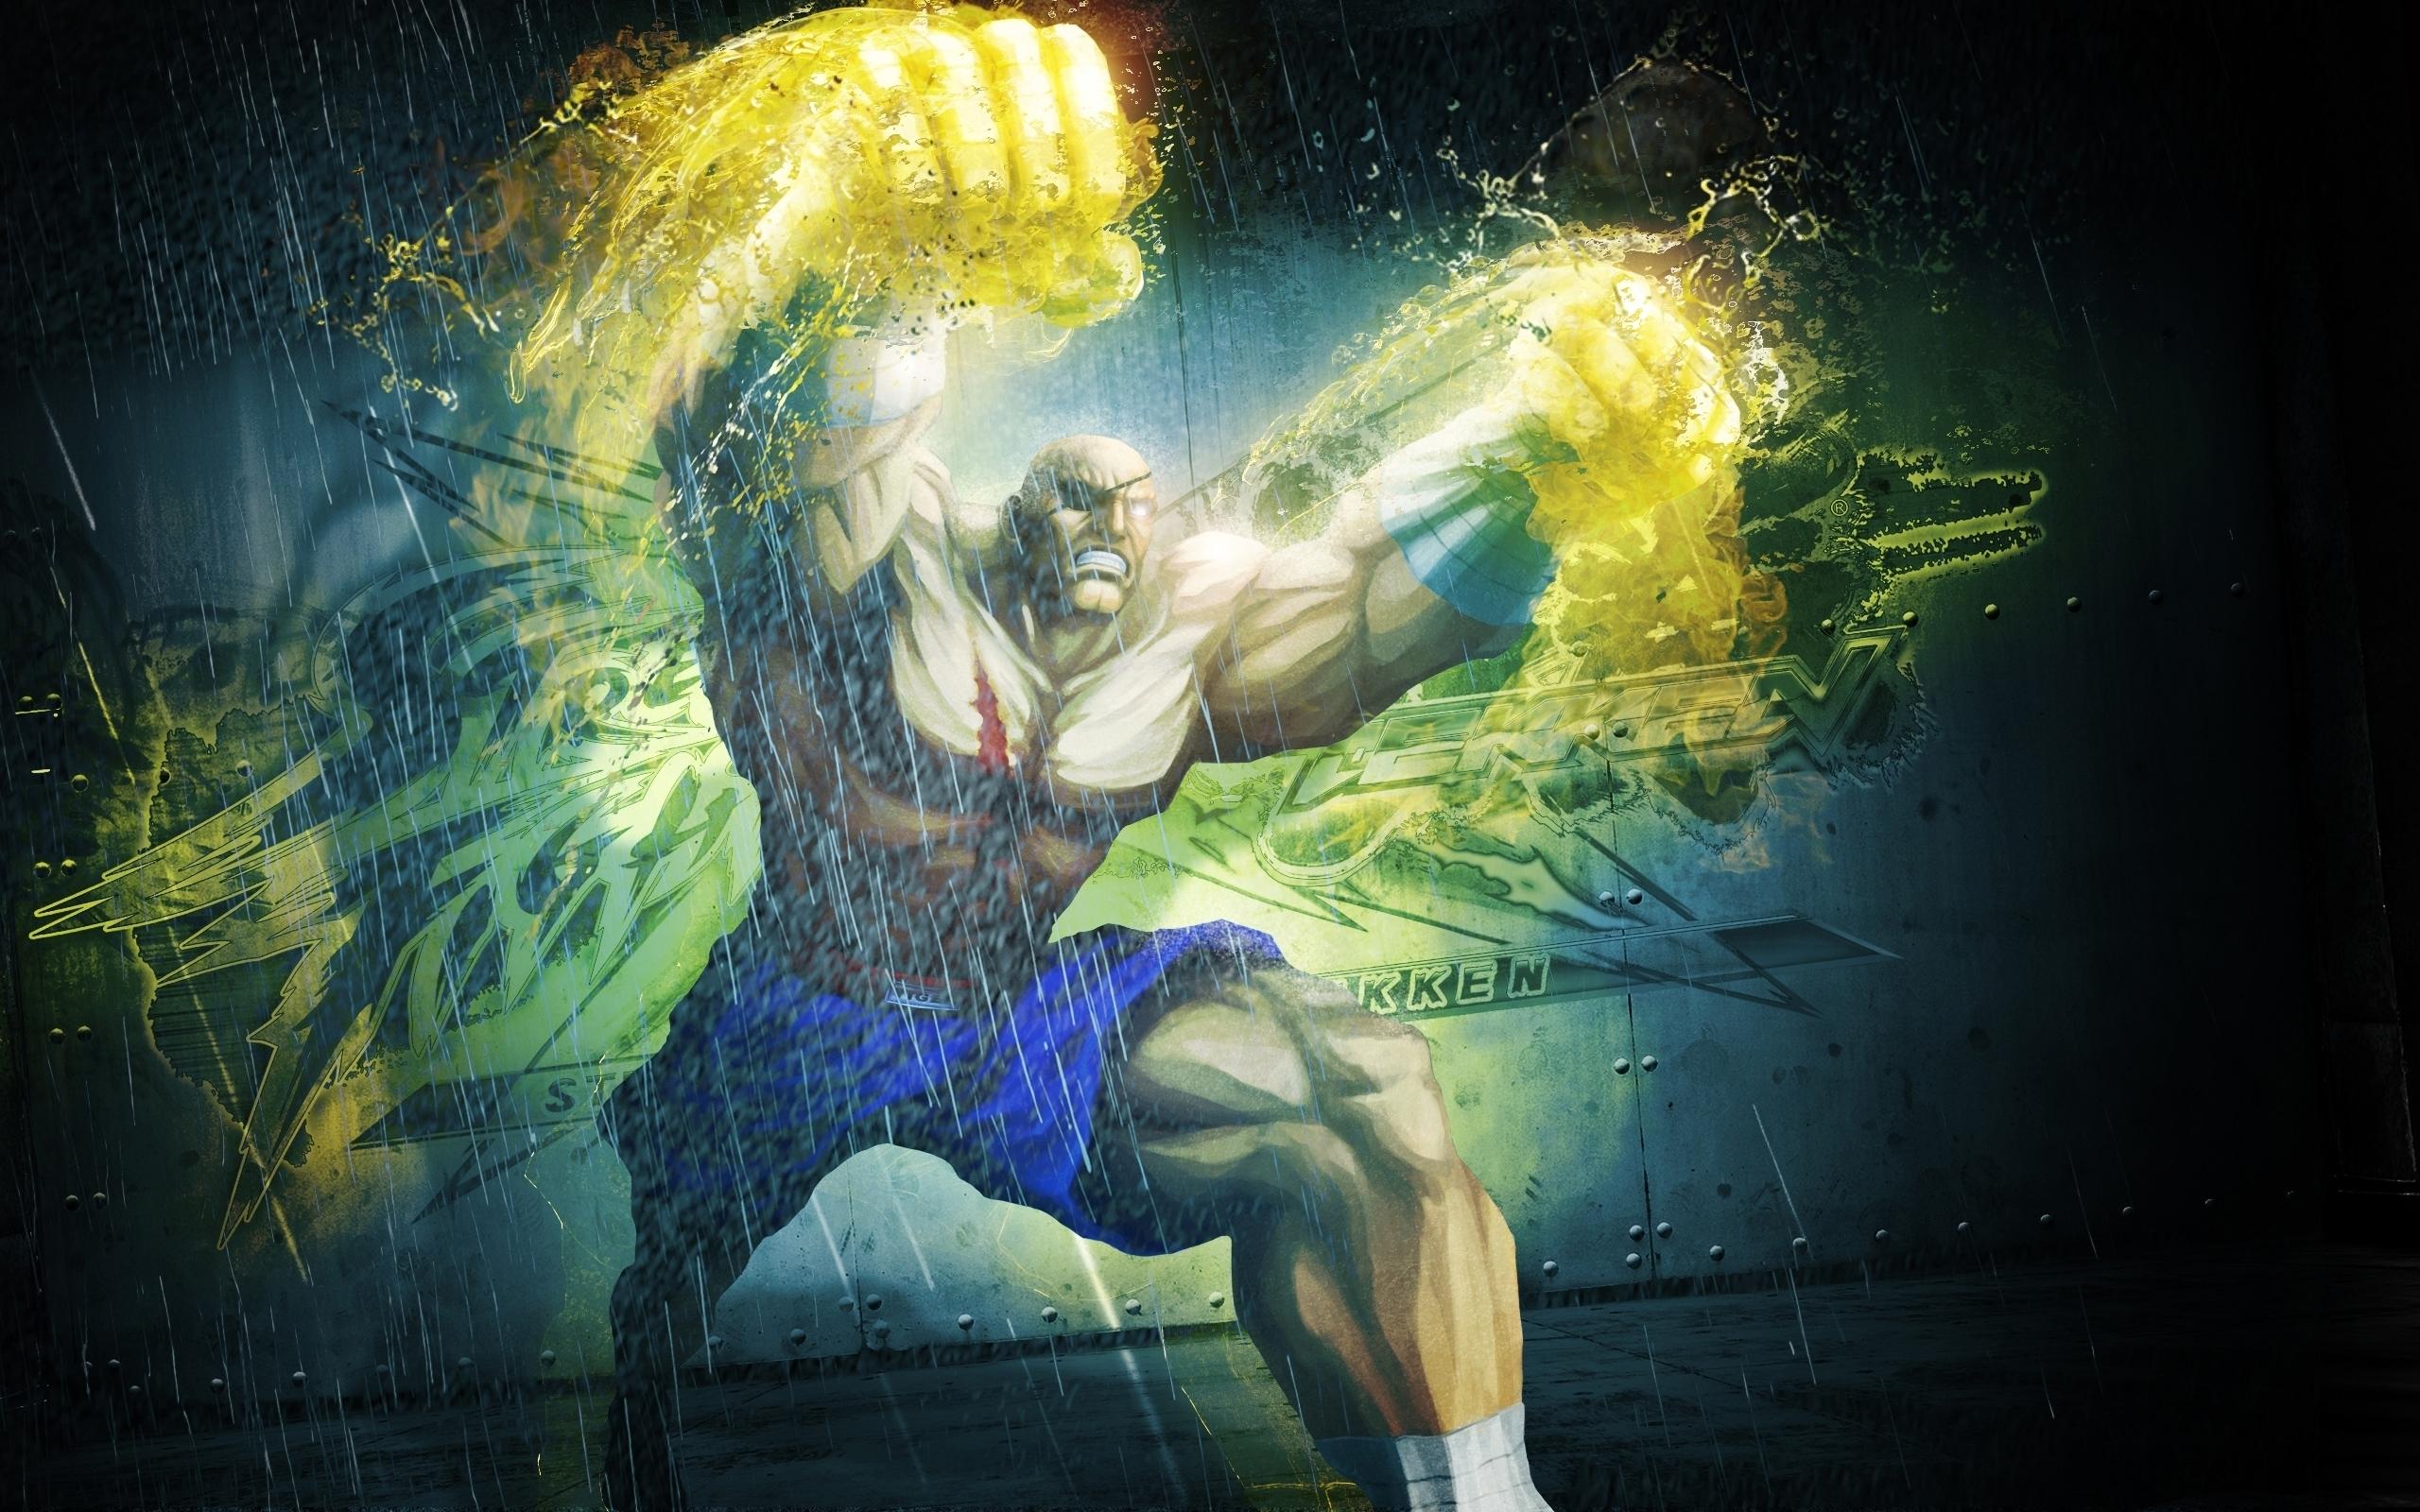 Sagat In Street Fighter Hd Wallpaper